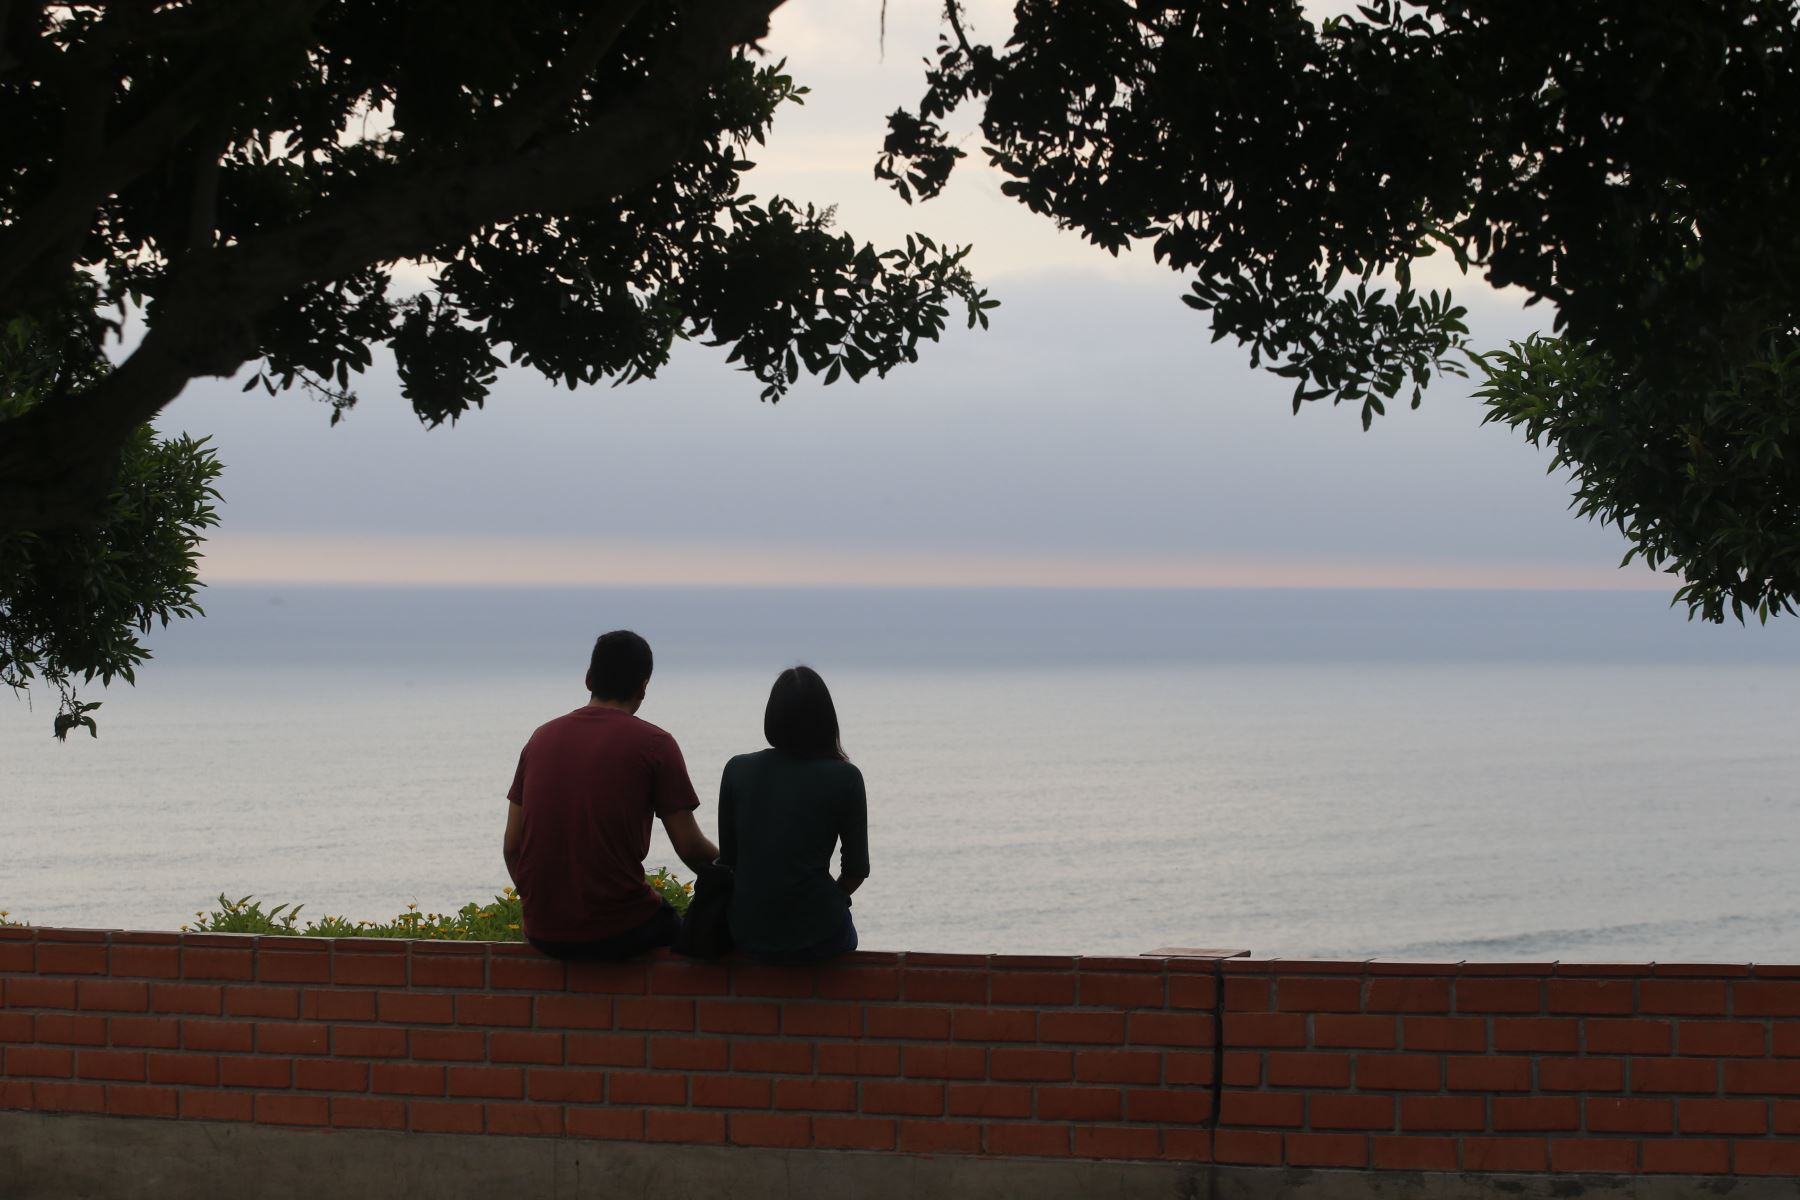 En el día de San Valentín, parejas celebran el día de la amistad y el amor.   Foto: ANDINA/Eddy Ramos